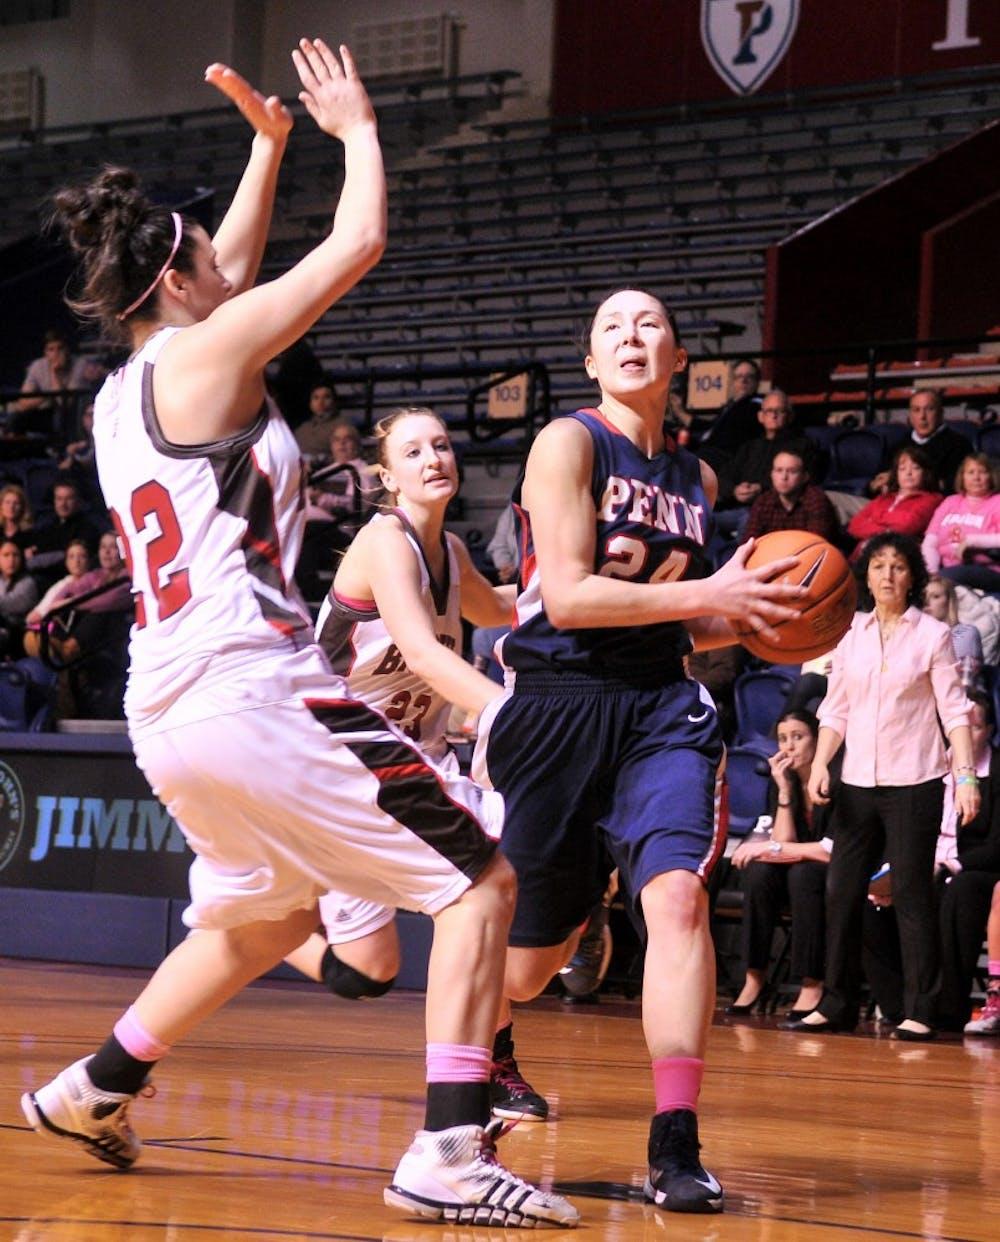 Women's Hoops victory over Brown